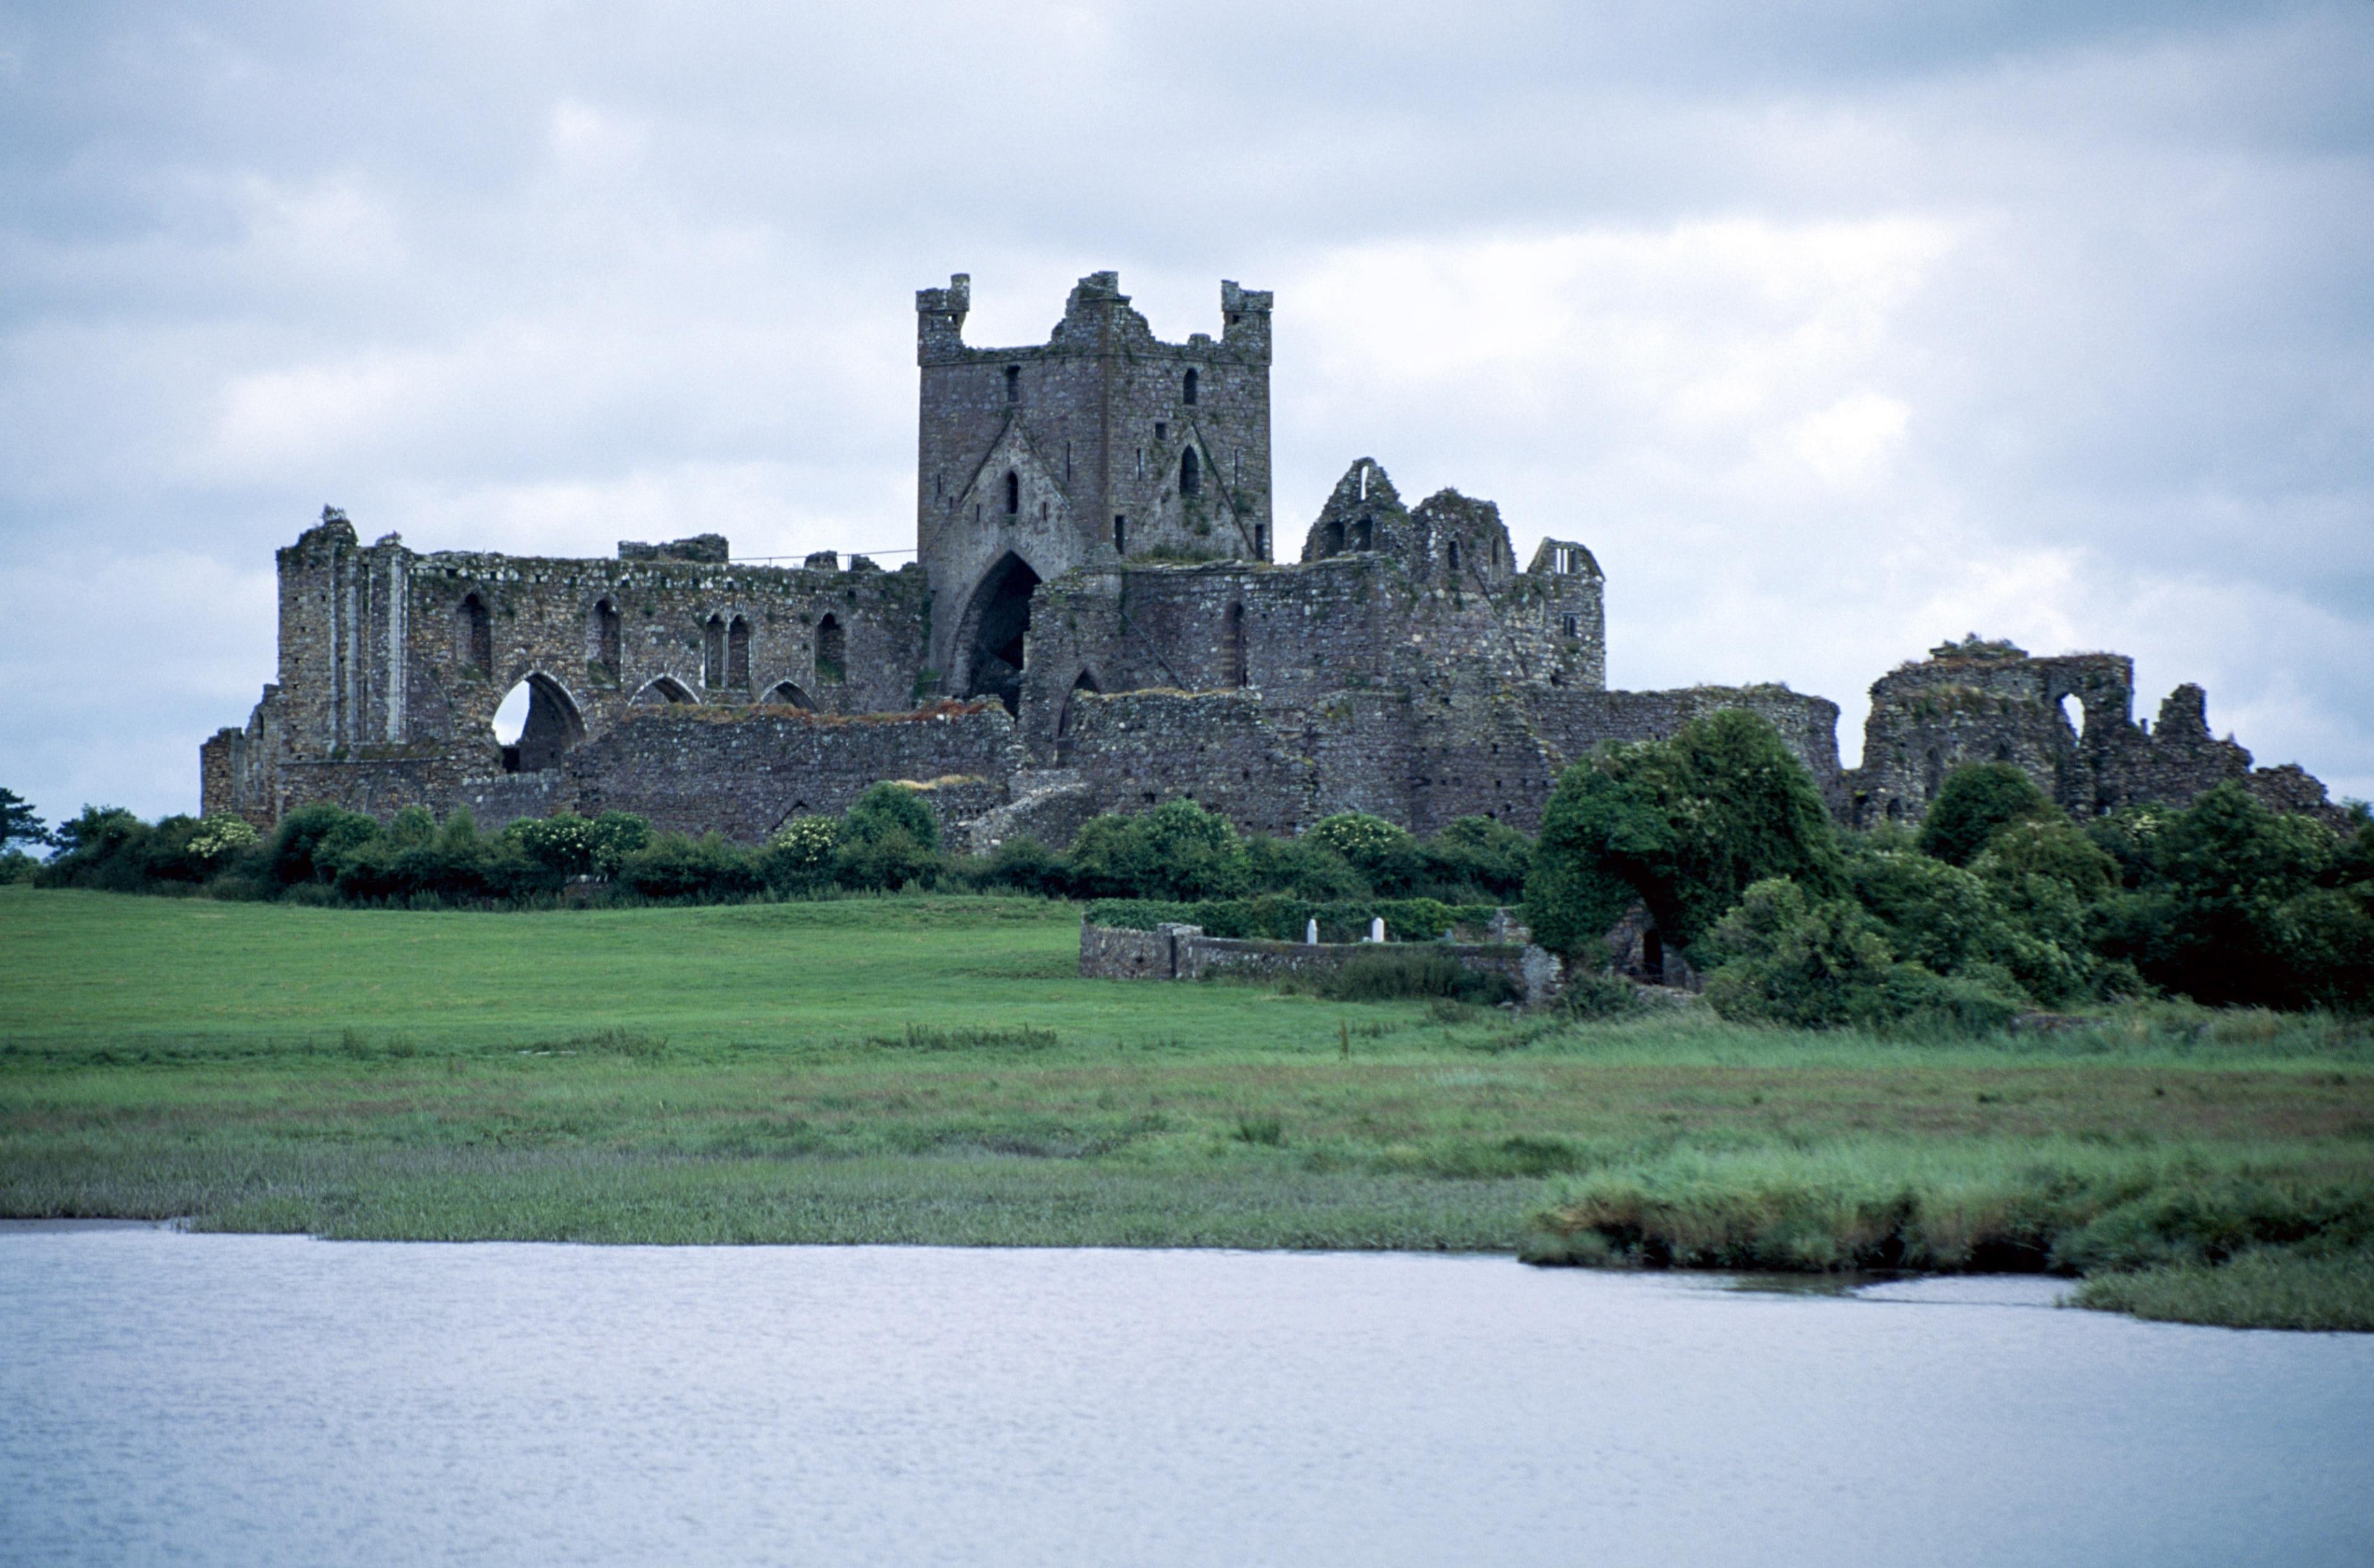 Dunbrody Abbey, Campile, Wexford (graafschap), Ierland